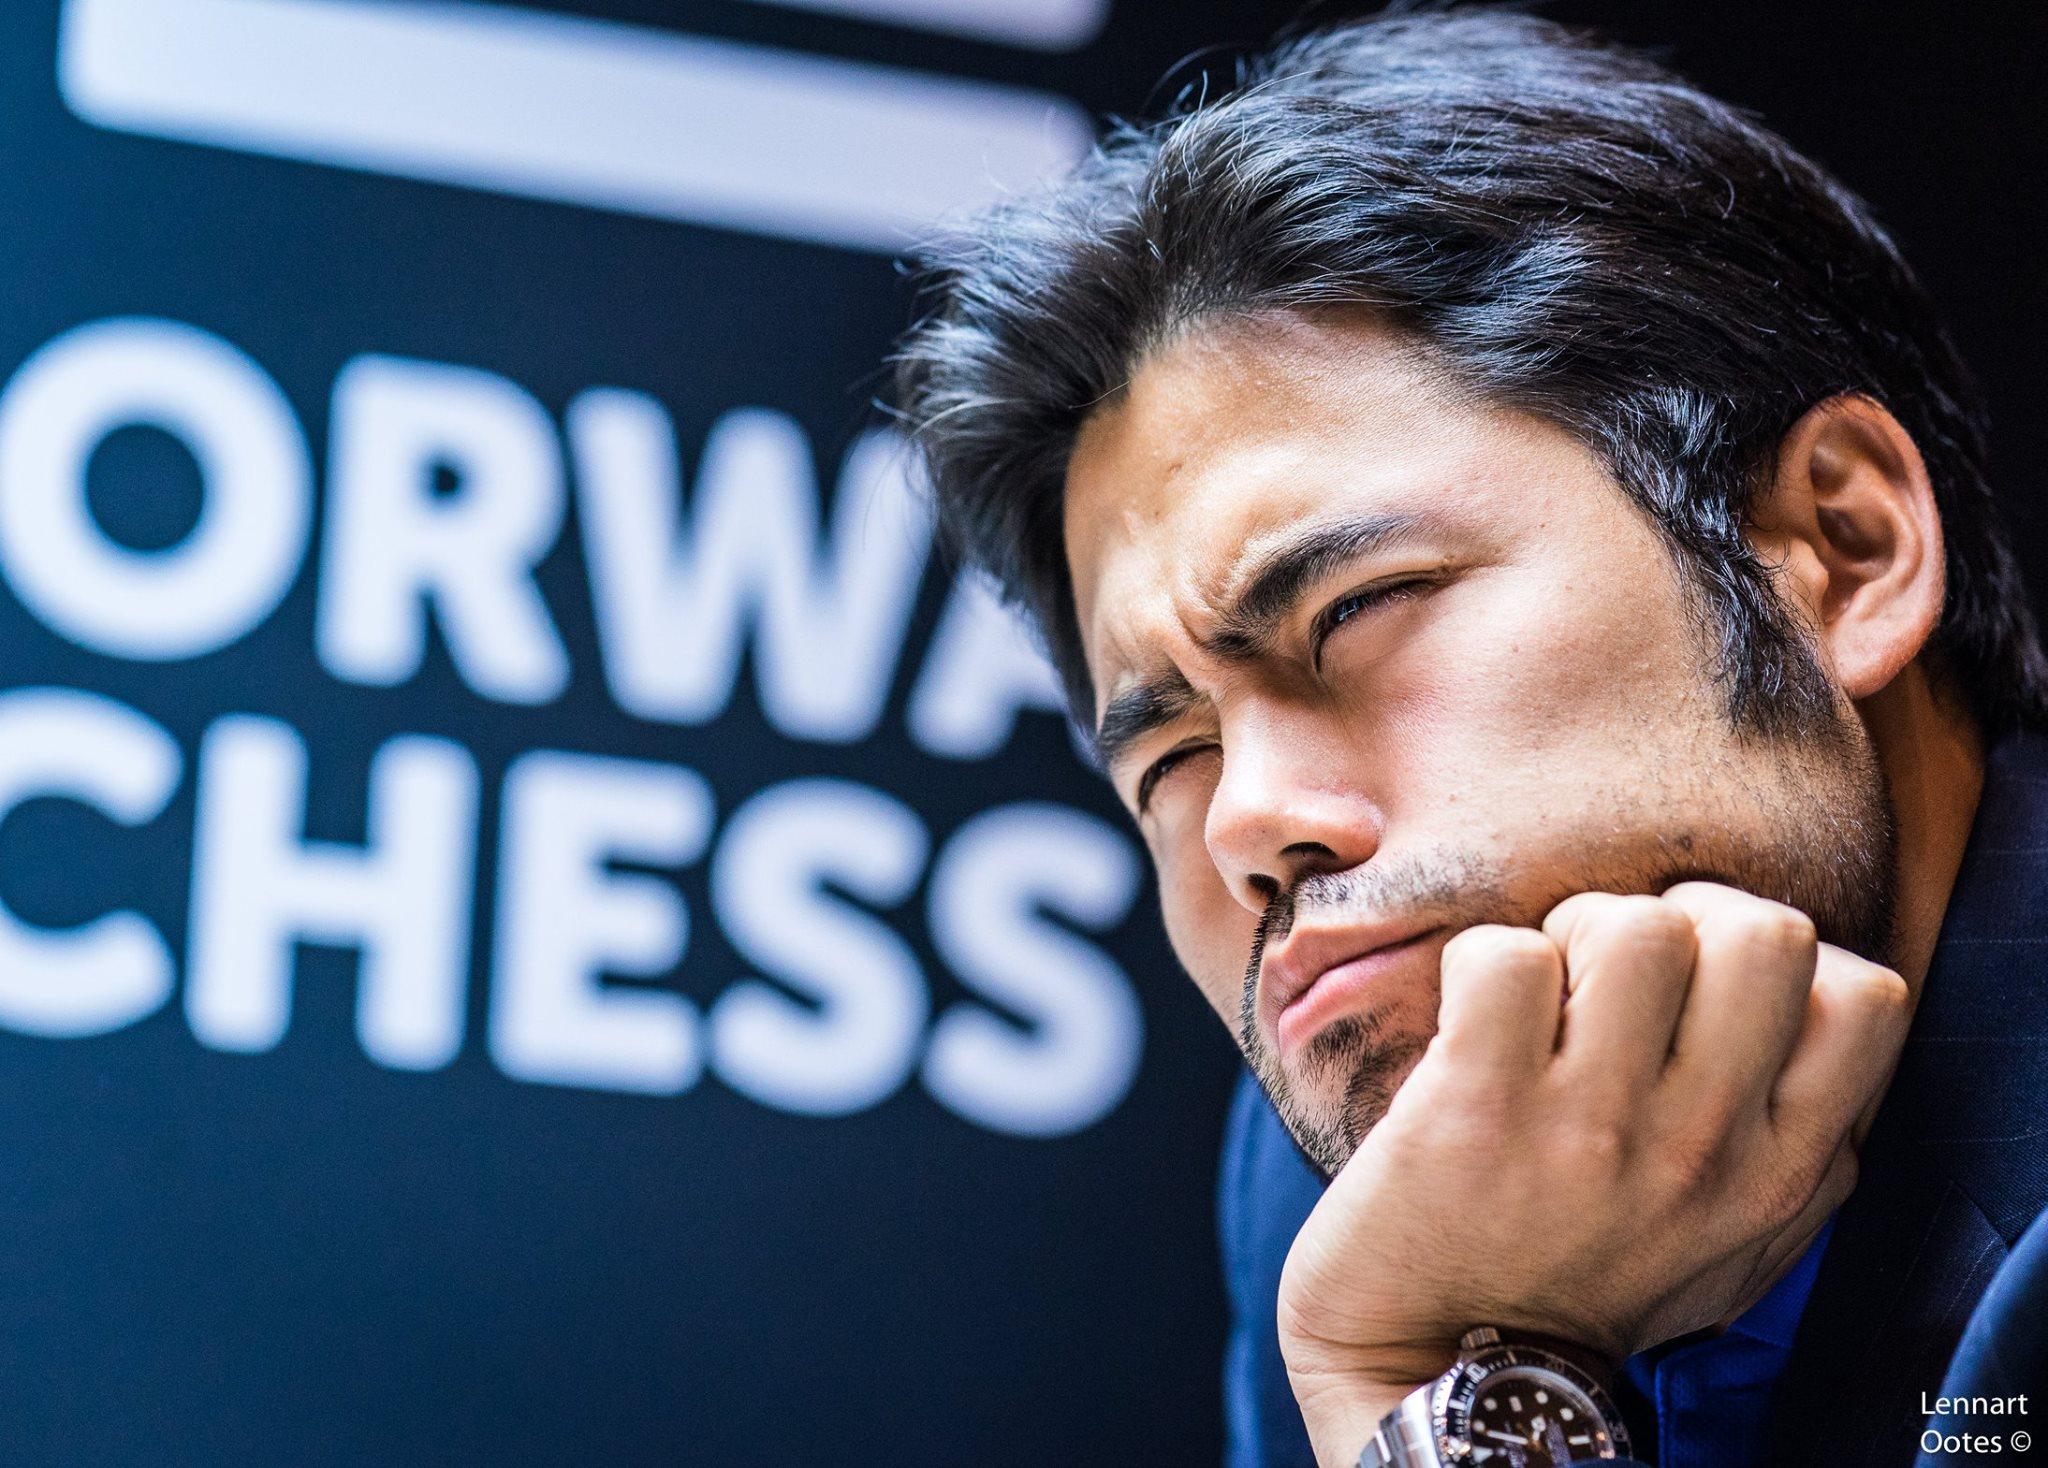 LEDER: Hikaru Nakamura spilte remis mot Vladimir Kramnik og beholder ledelsen etter fem runder i Norway Chess 2017. Foto: Lennart Ootes